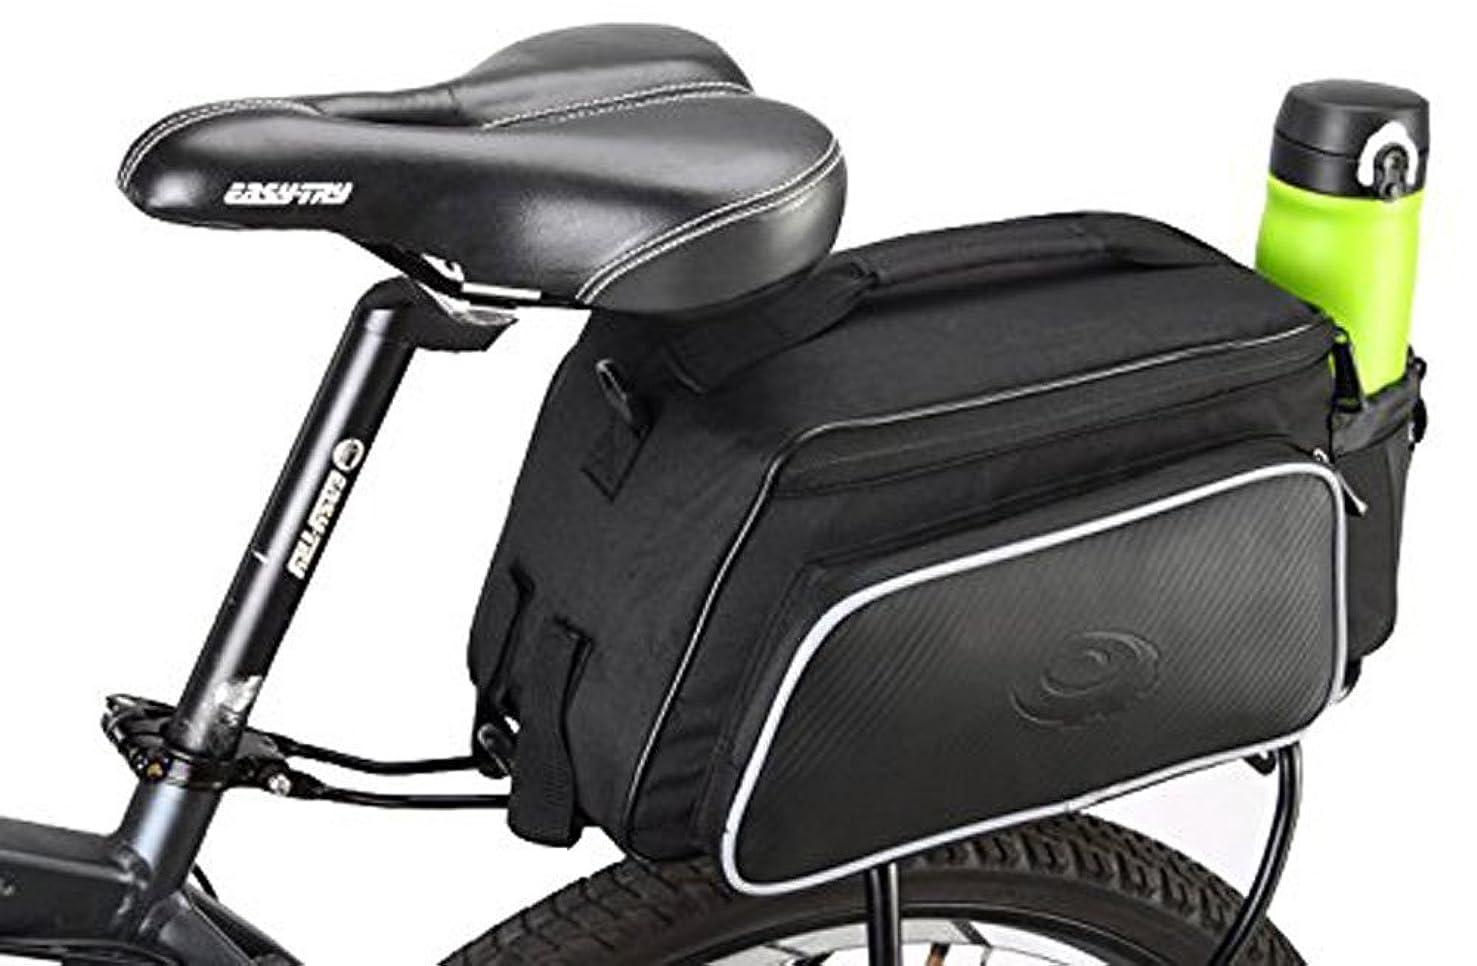 消える品かけがえのないCOTEetCI Waterproof Bike Bag Bicycle Saddle Bag Cycling Mountain Back Seat Rear Rack Trunk Bags Single Shoulder Bag